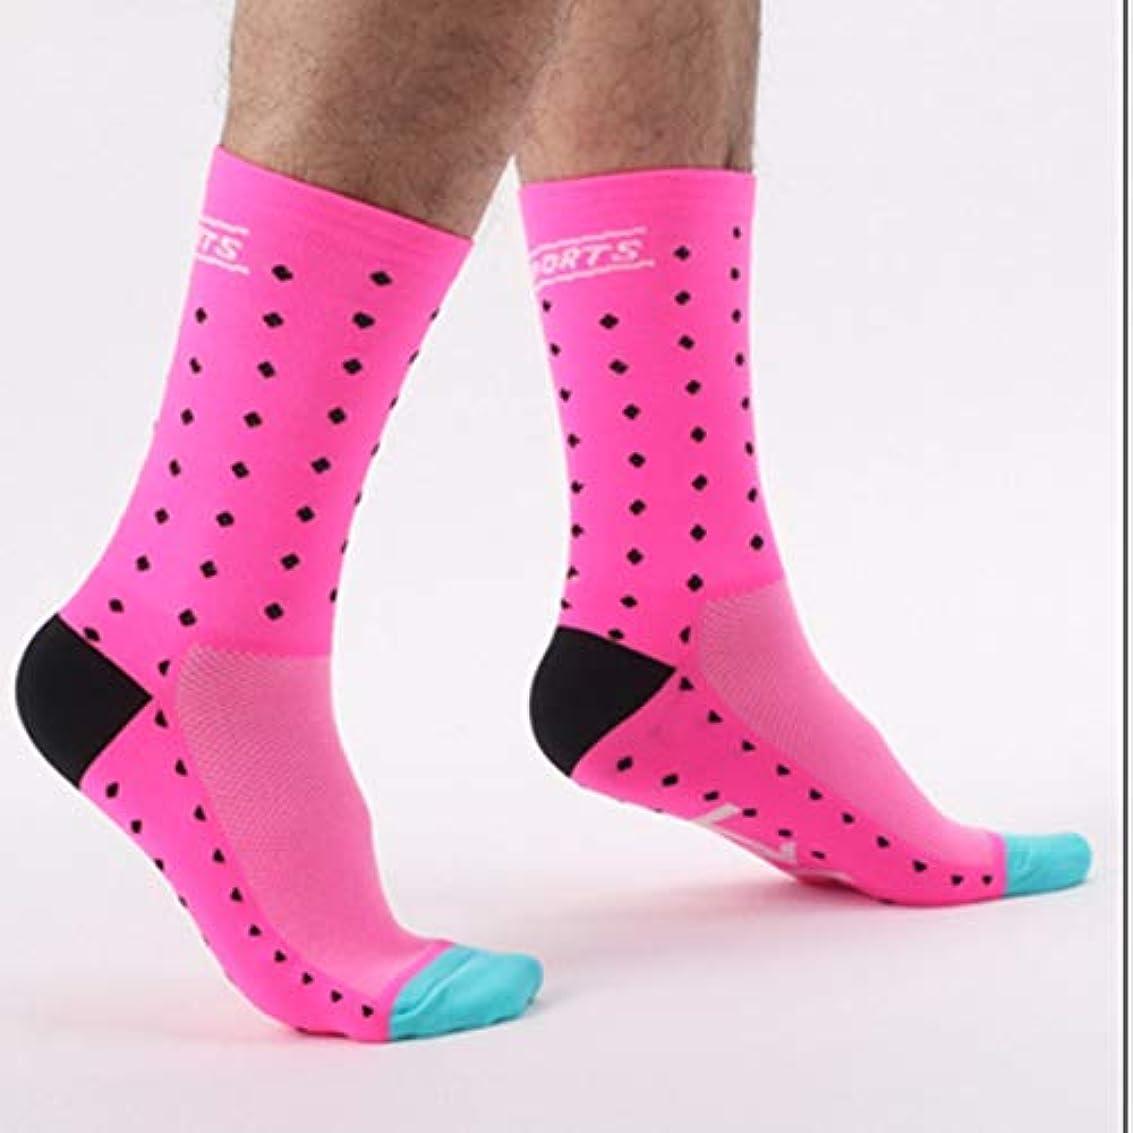 かすかな厚くする小屋DH04快適なファッショナブルな屋外サイクリングソックス男性女性プロの通気性スポーツソックスバスケットボールソックス - ピンク